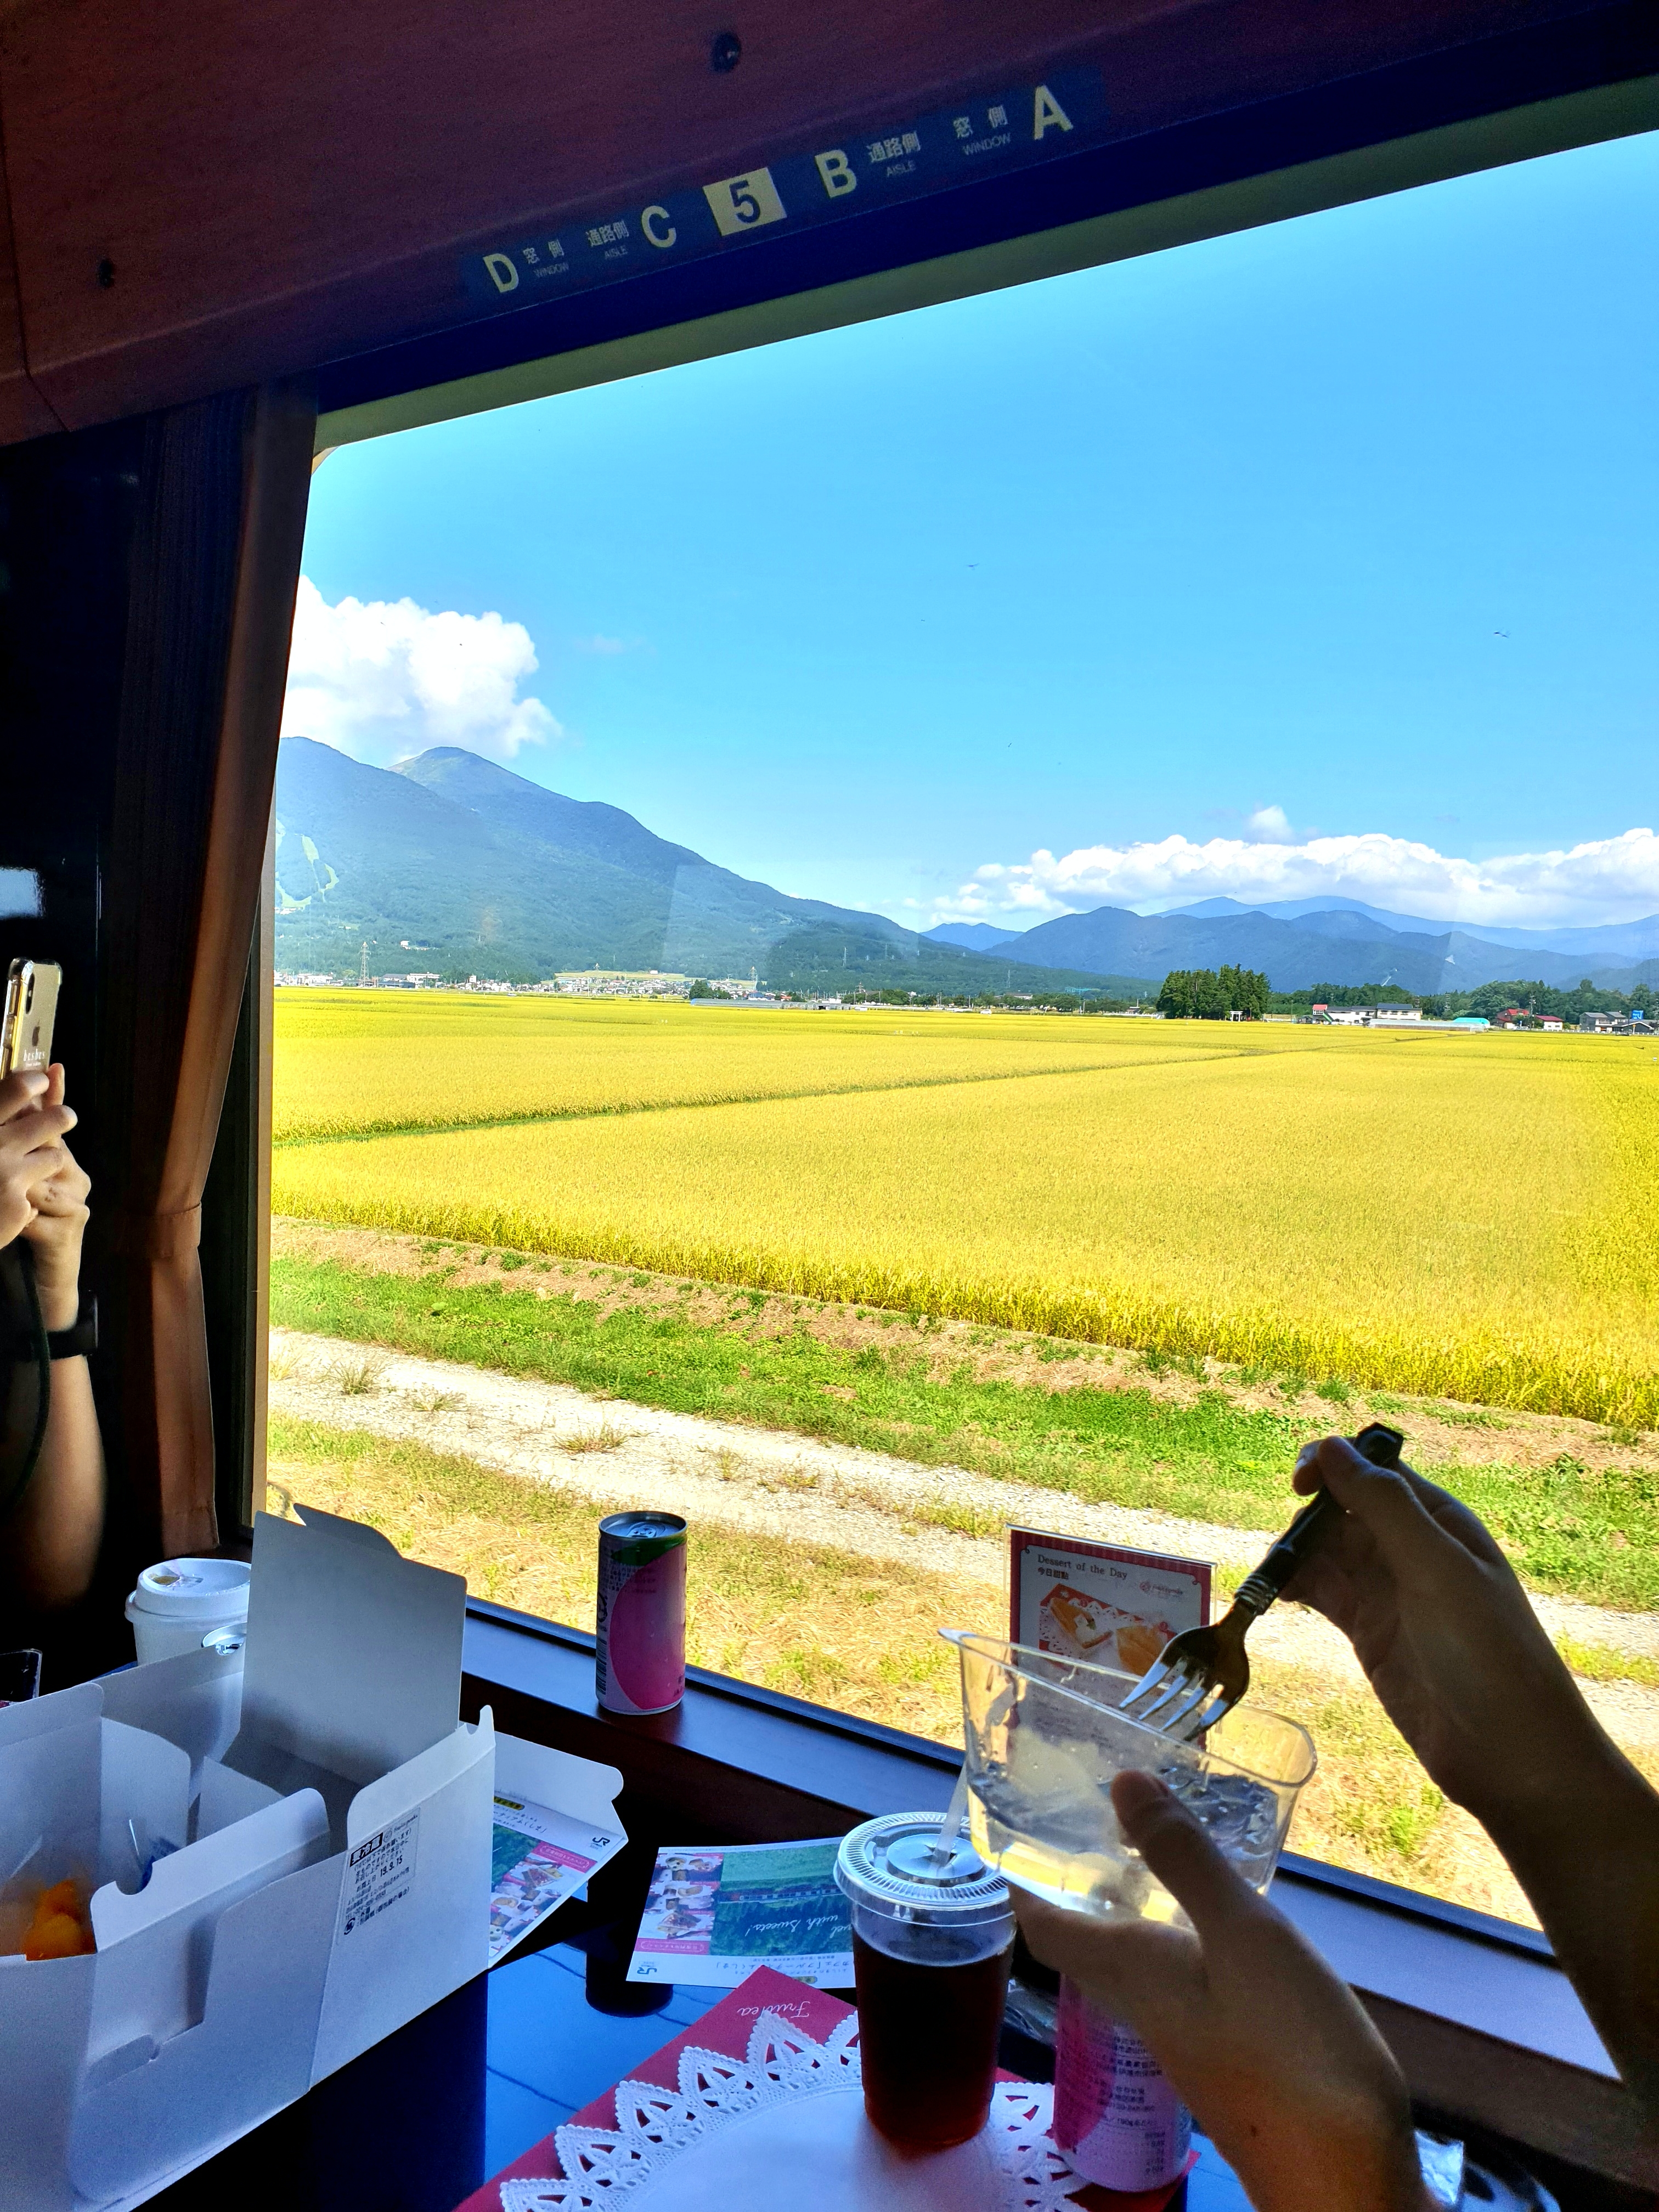 วิวธรรมชาติระหว่างทางบนรถไฟ Fruitea Fukushima